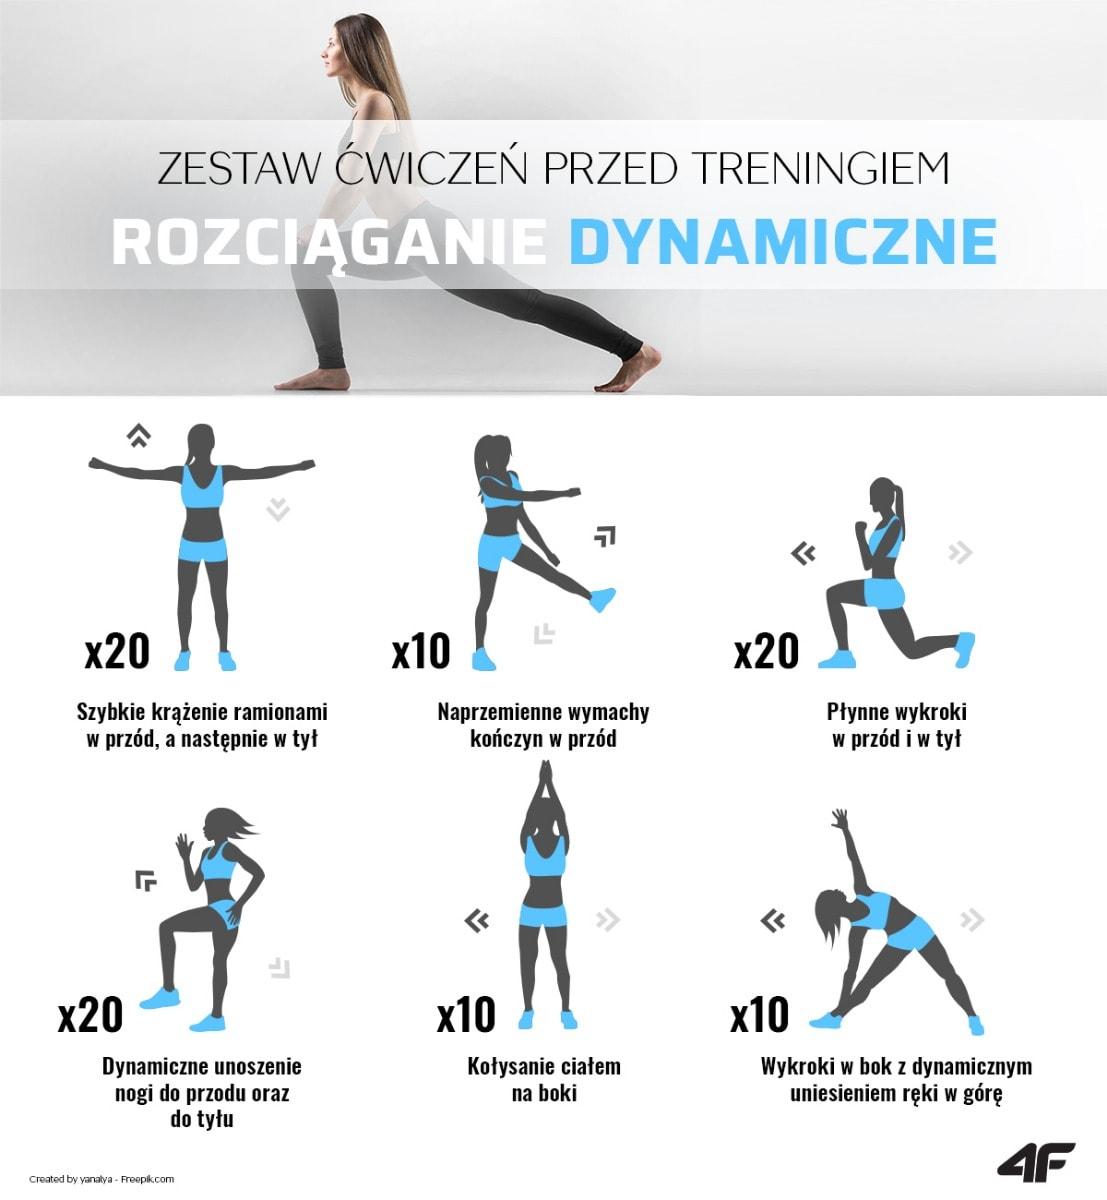 Zestaw ćwiczeń przed treningiem